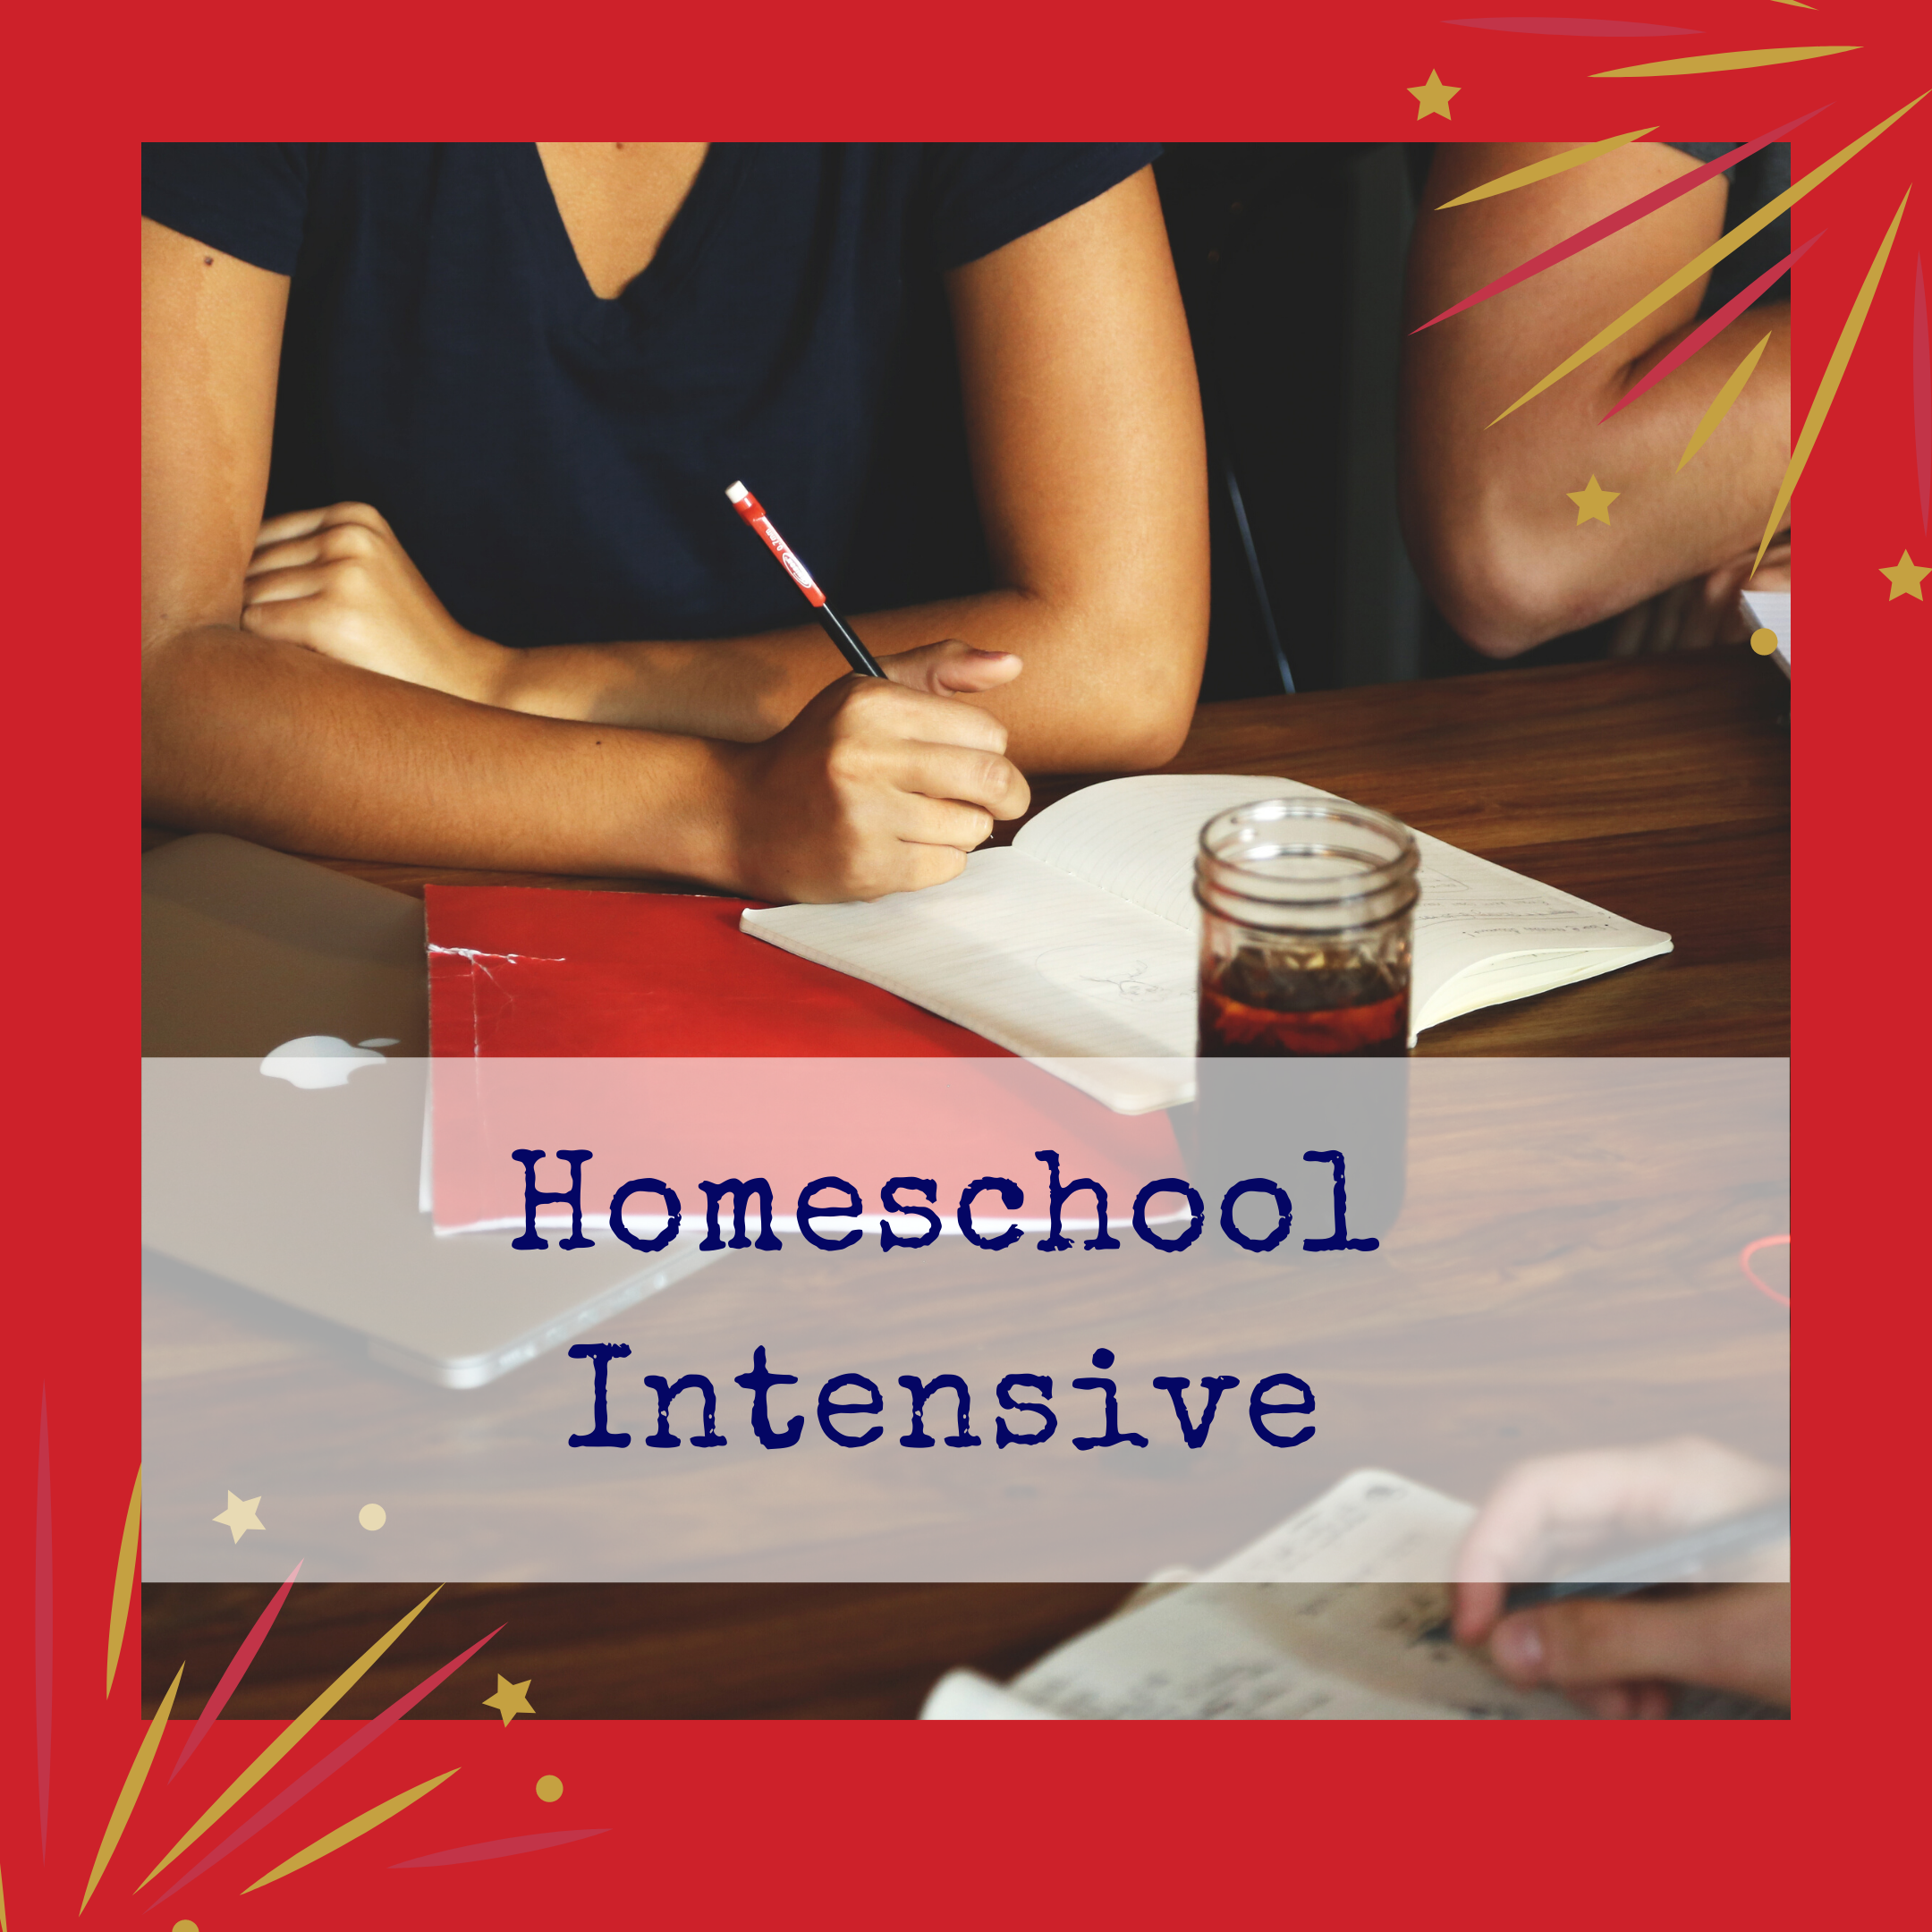 Homeschool Intensive